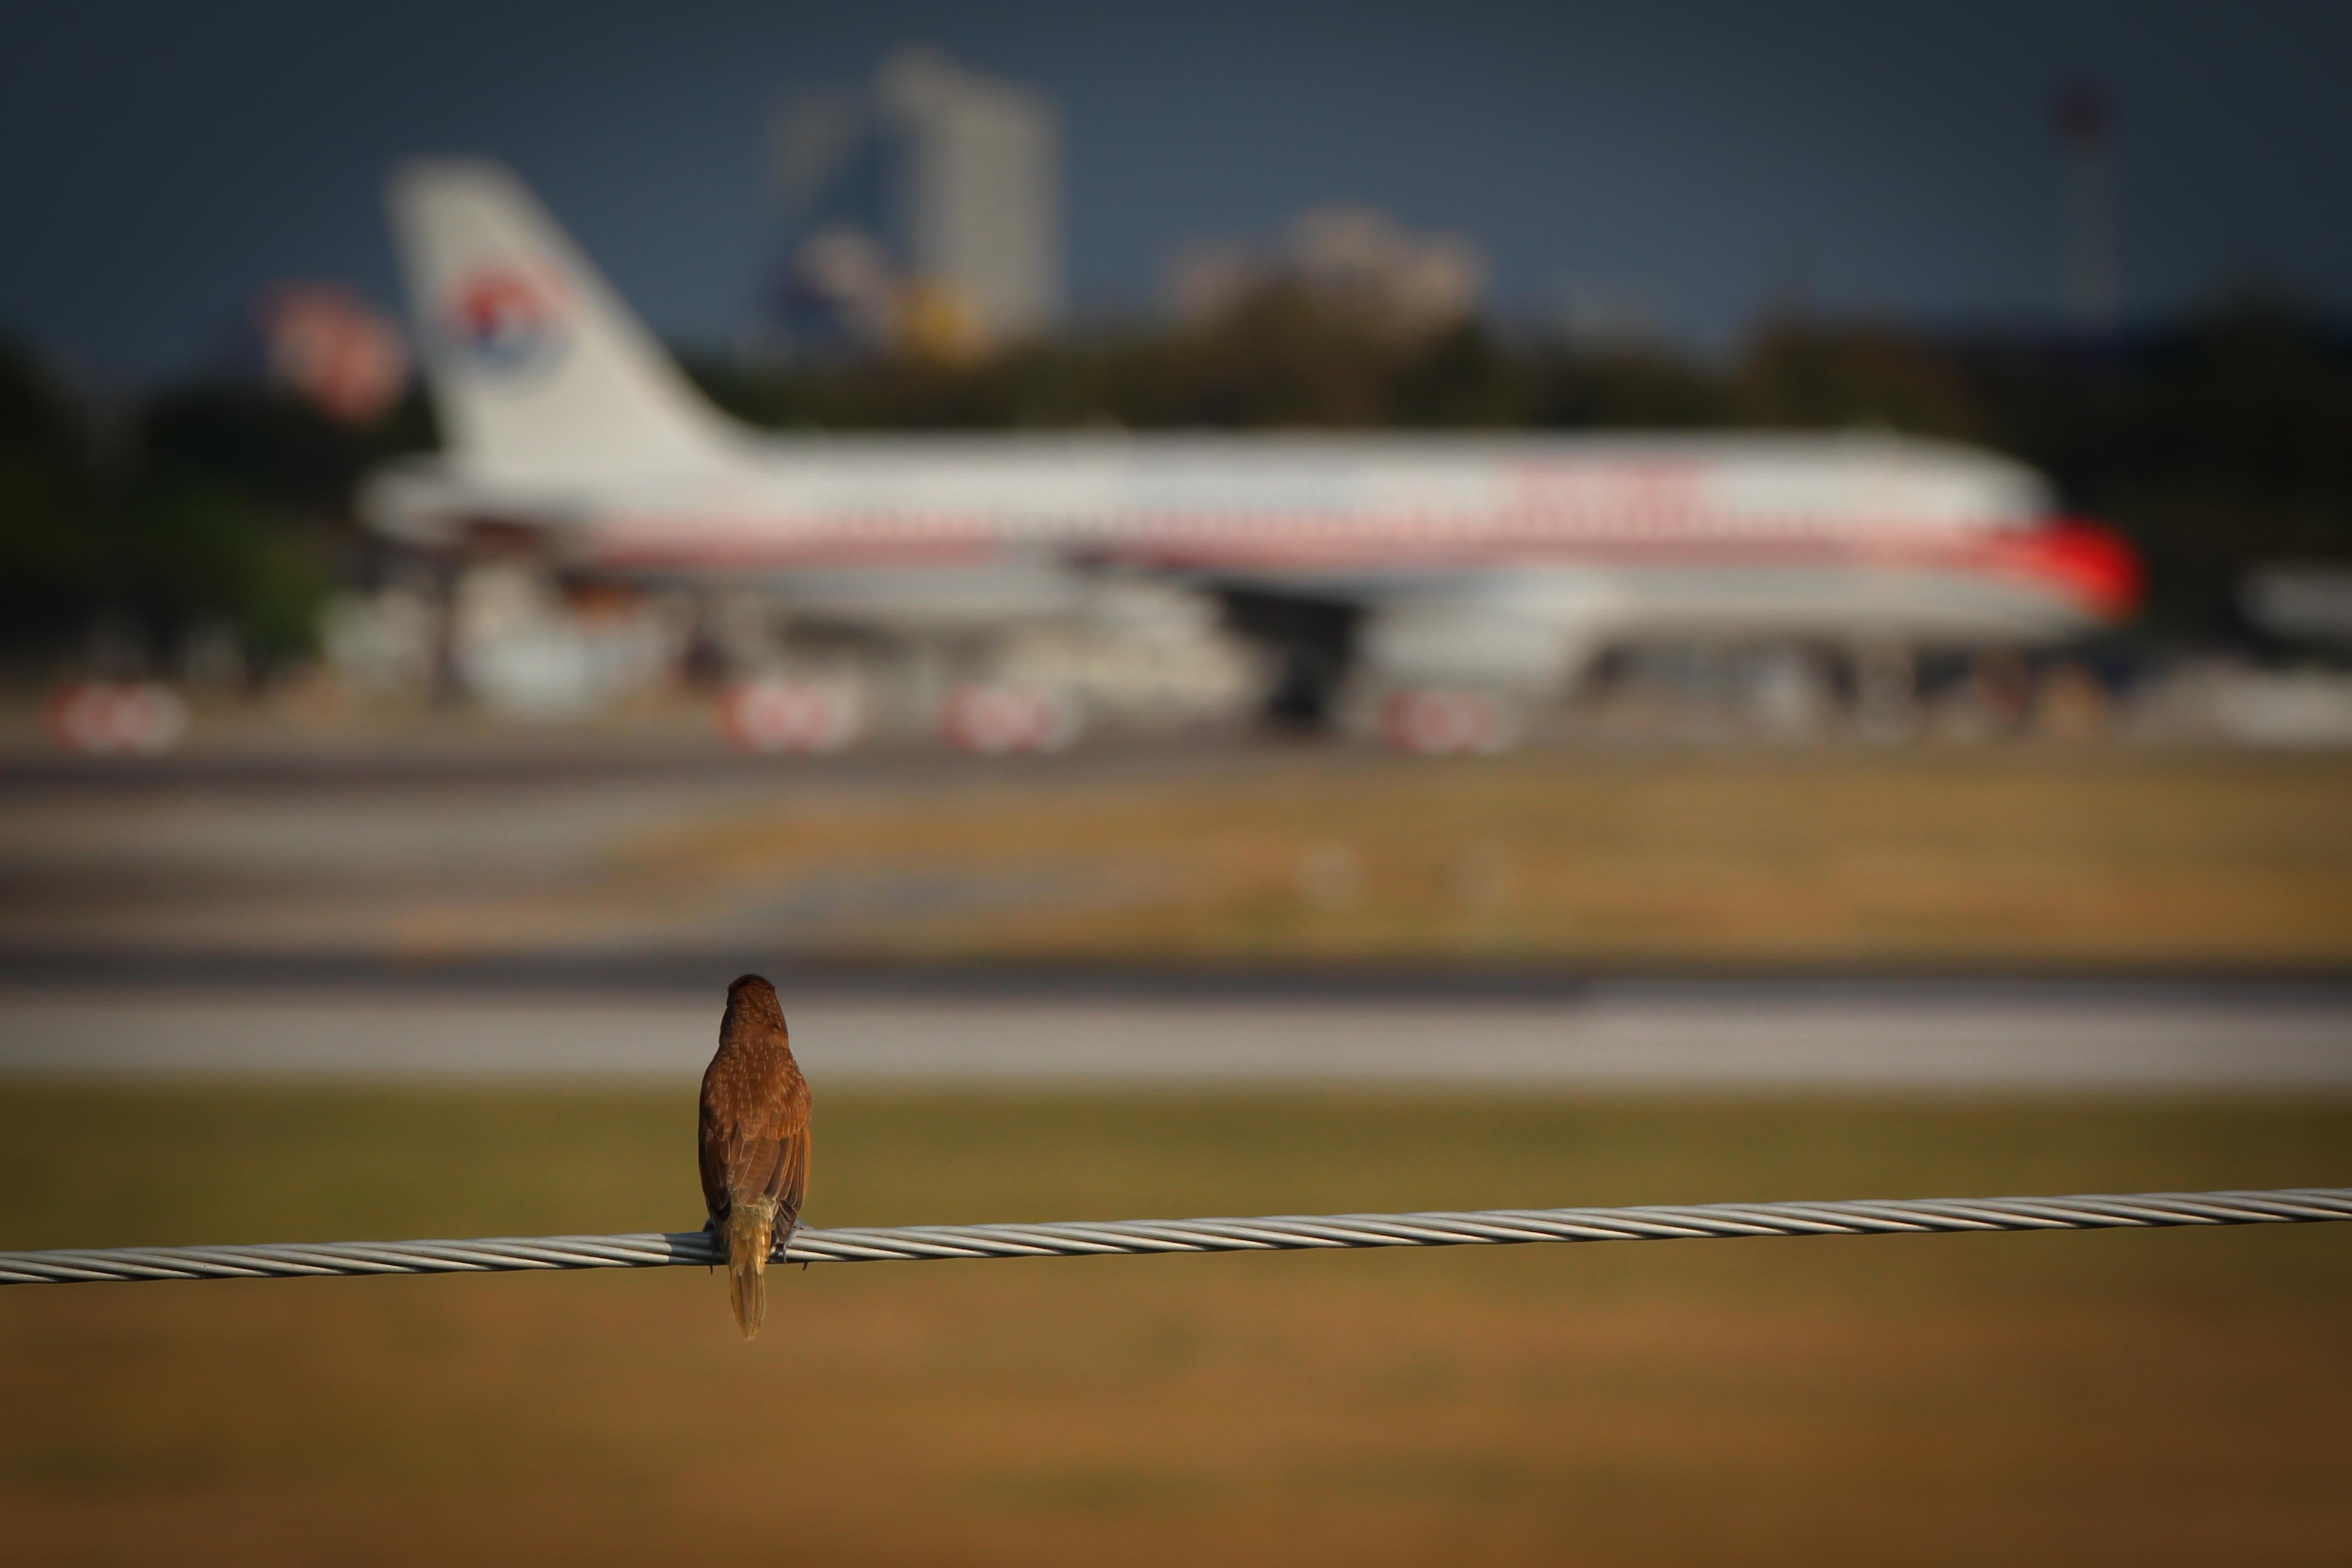 В США самолет совершил вынужденную посадку из-за любопытной птицы